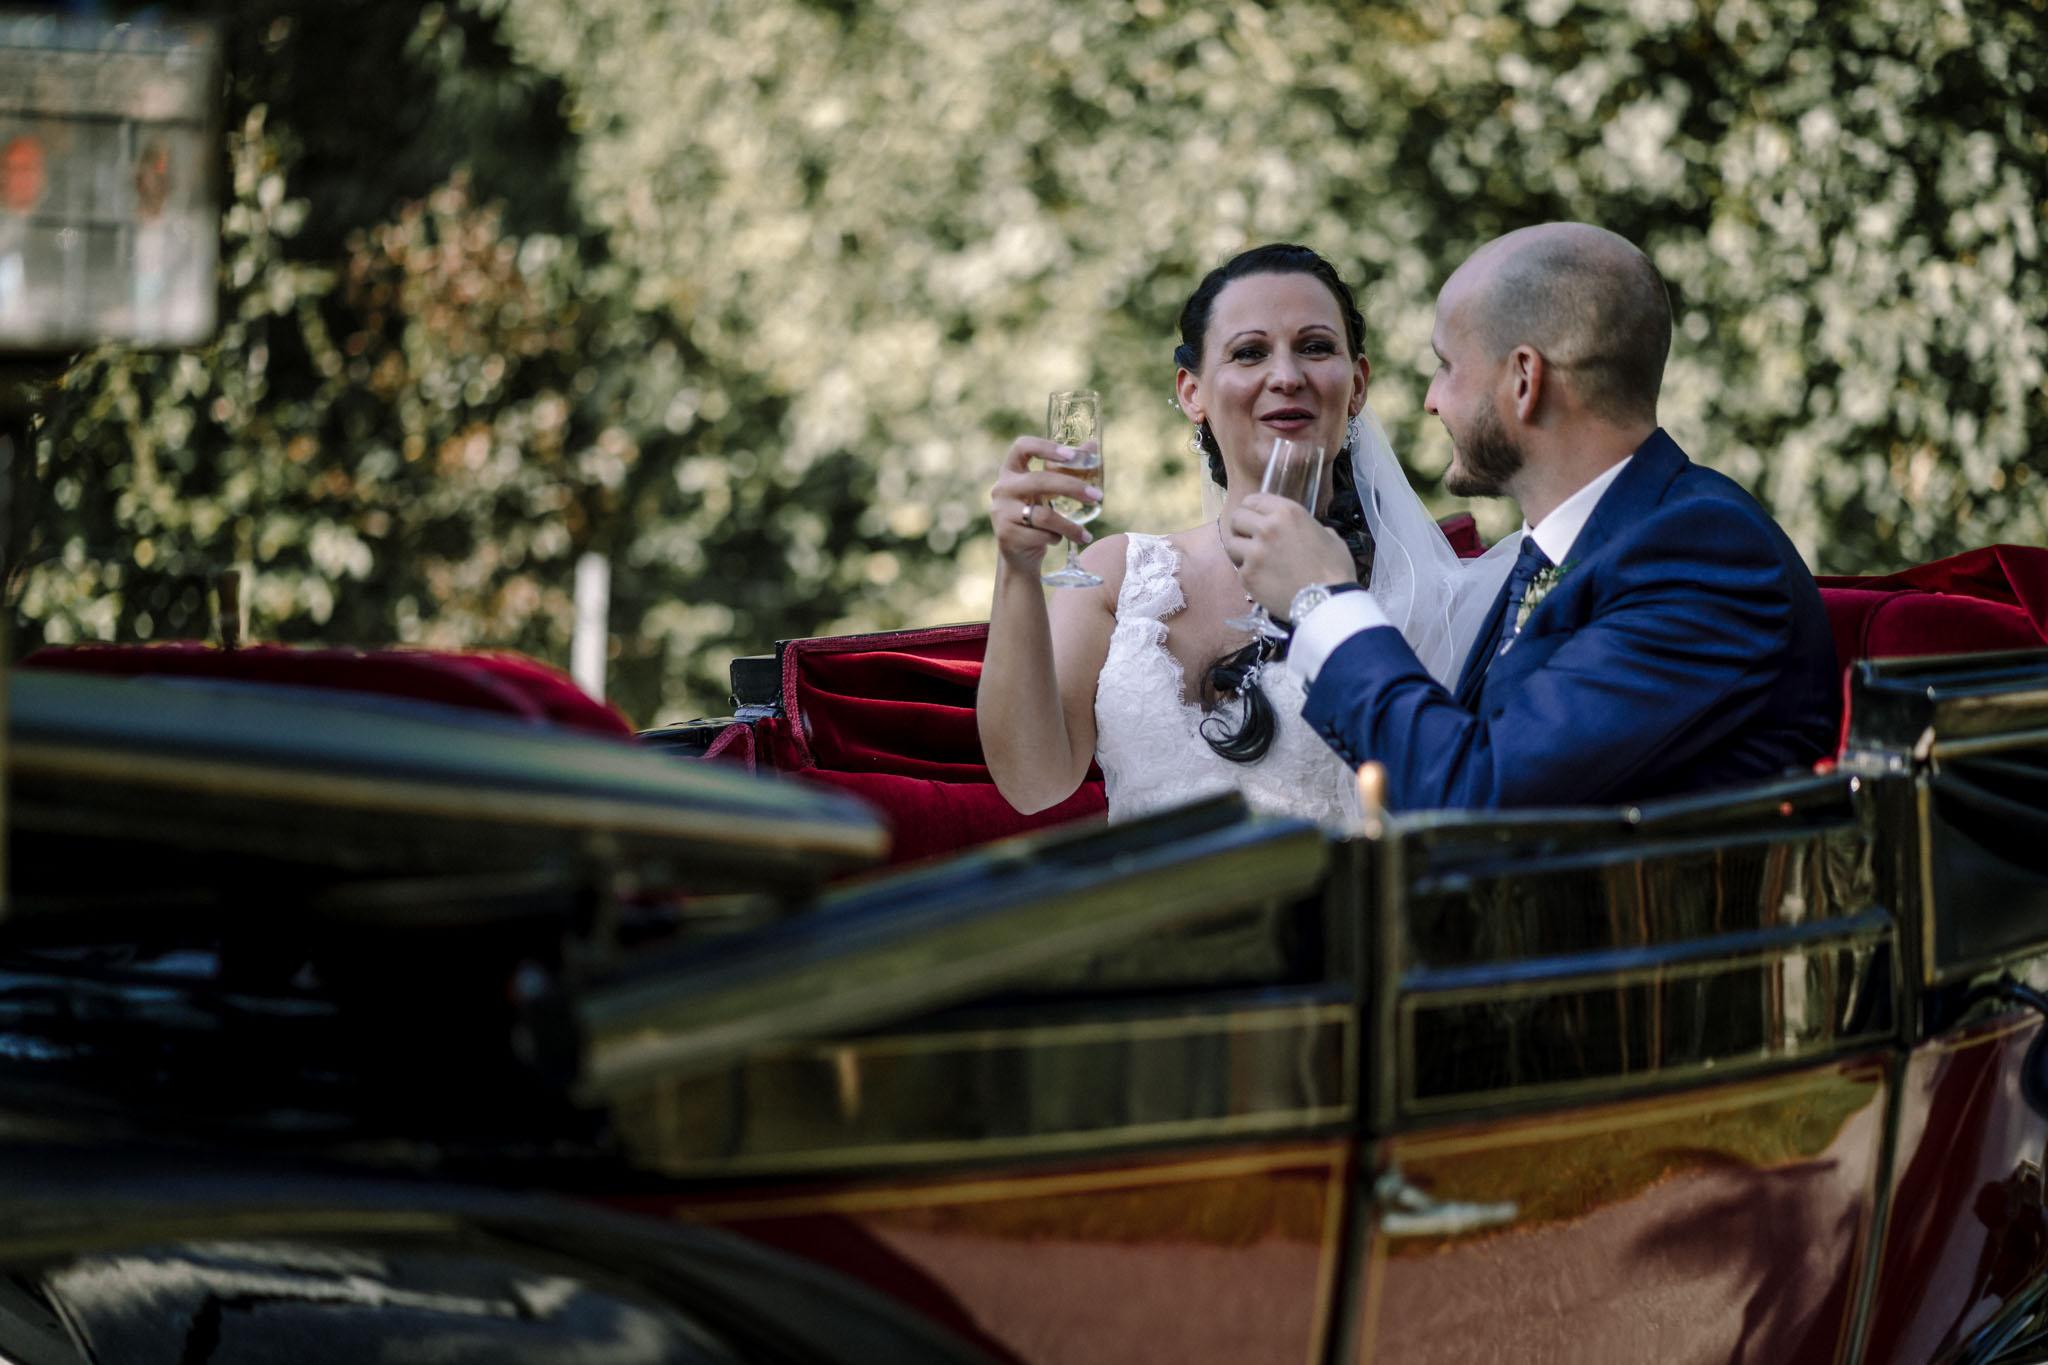 Hochzeitsfieber by Photo-Schomburg, Hochzeitsfotograf, Hamburg,Hochzeitstag, Hochzeitspaar, Braut, Bräutigam, Literaturhauscafe Zarrentin-95